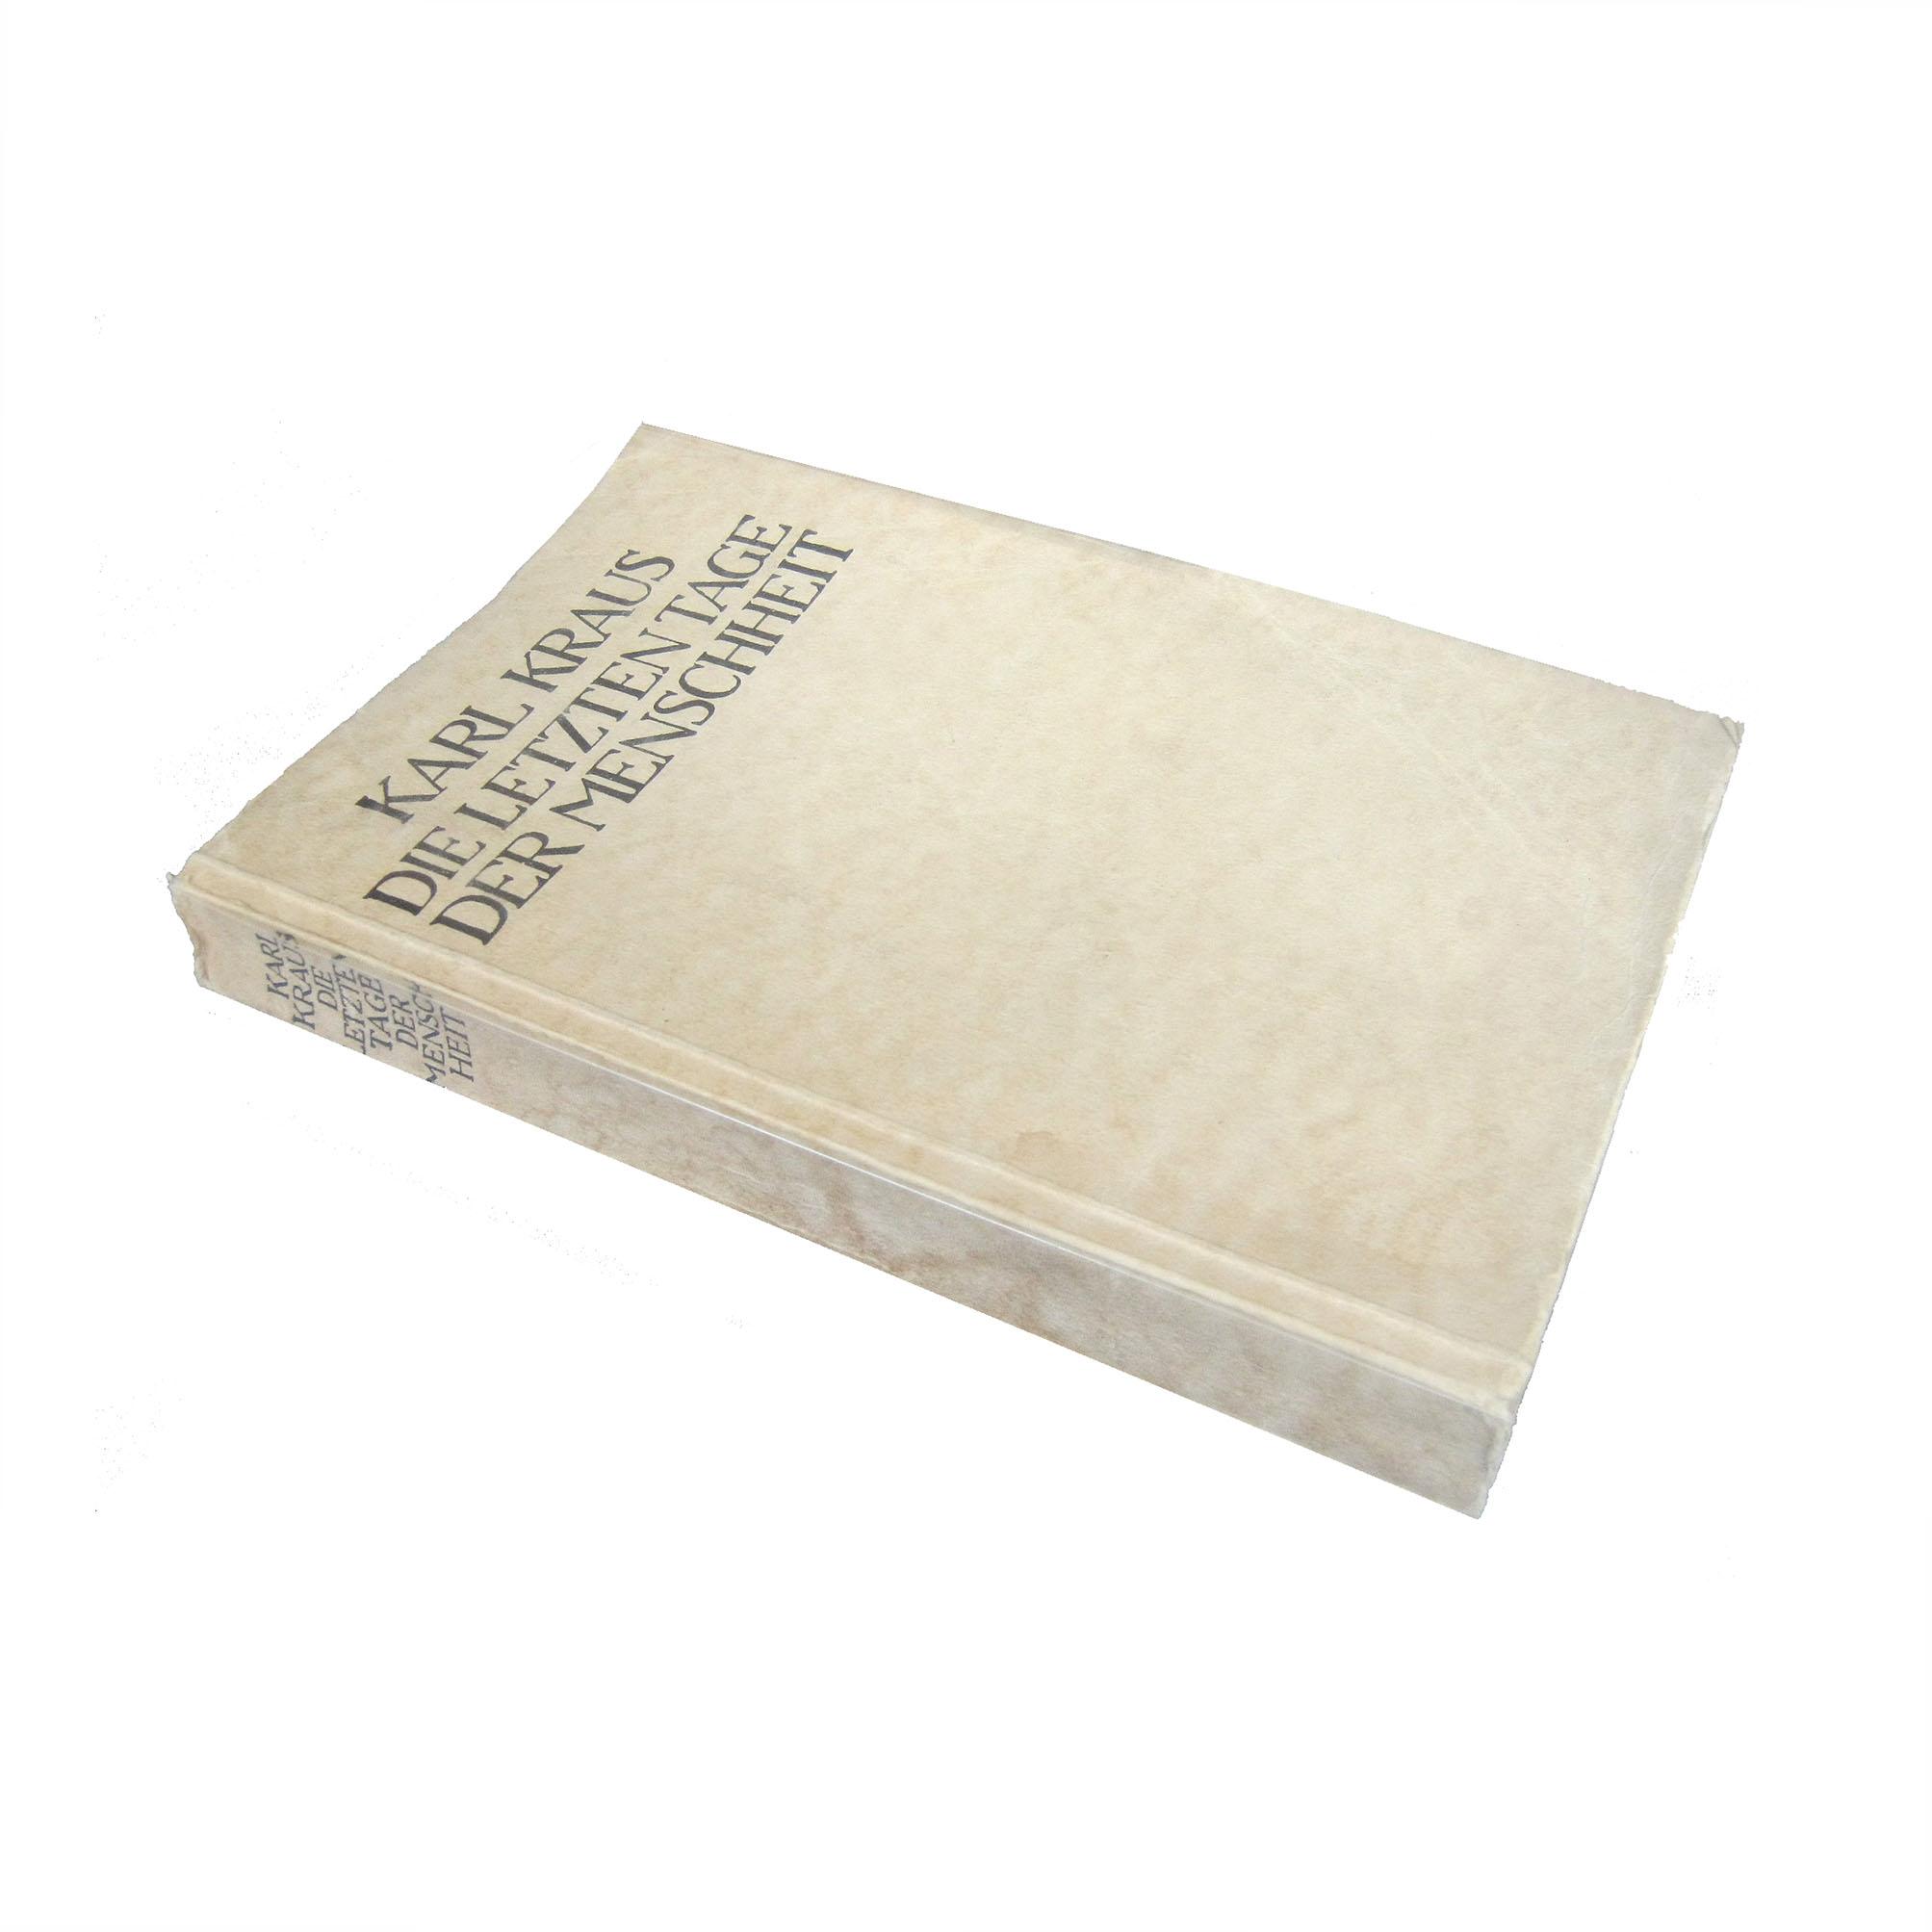 5271-Kraus-Menschheit-1922-Broschur-Umschlag-r-frei-N.jpg